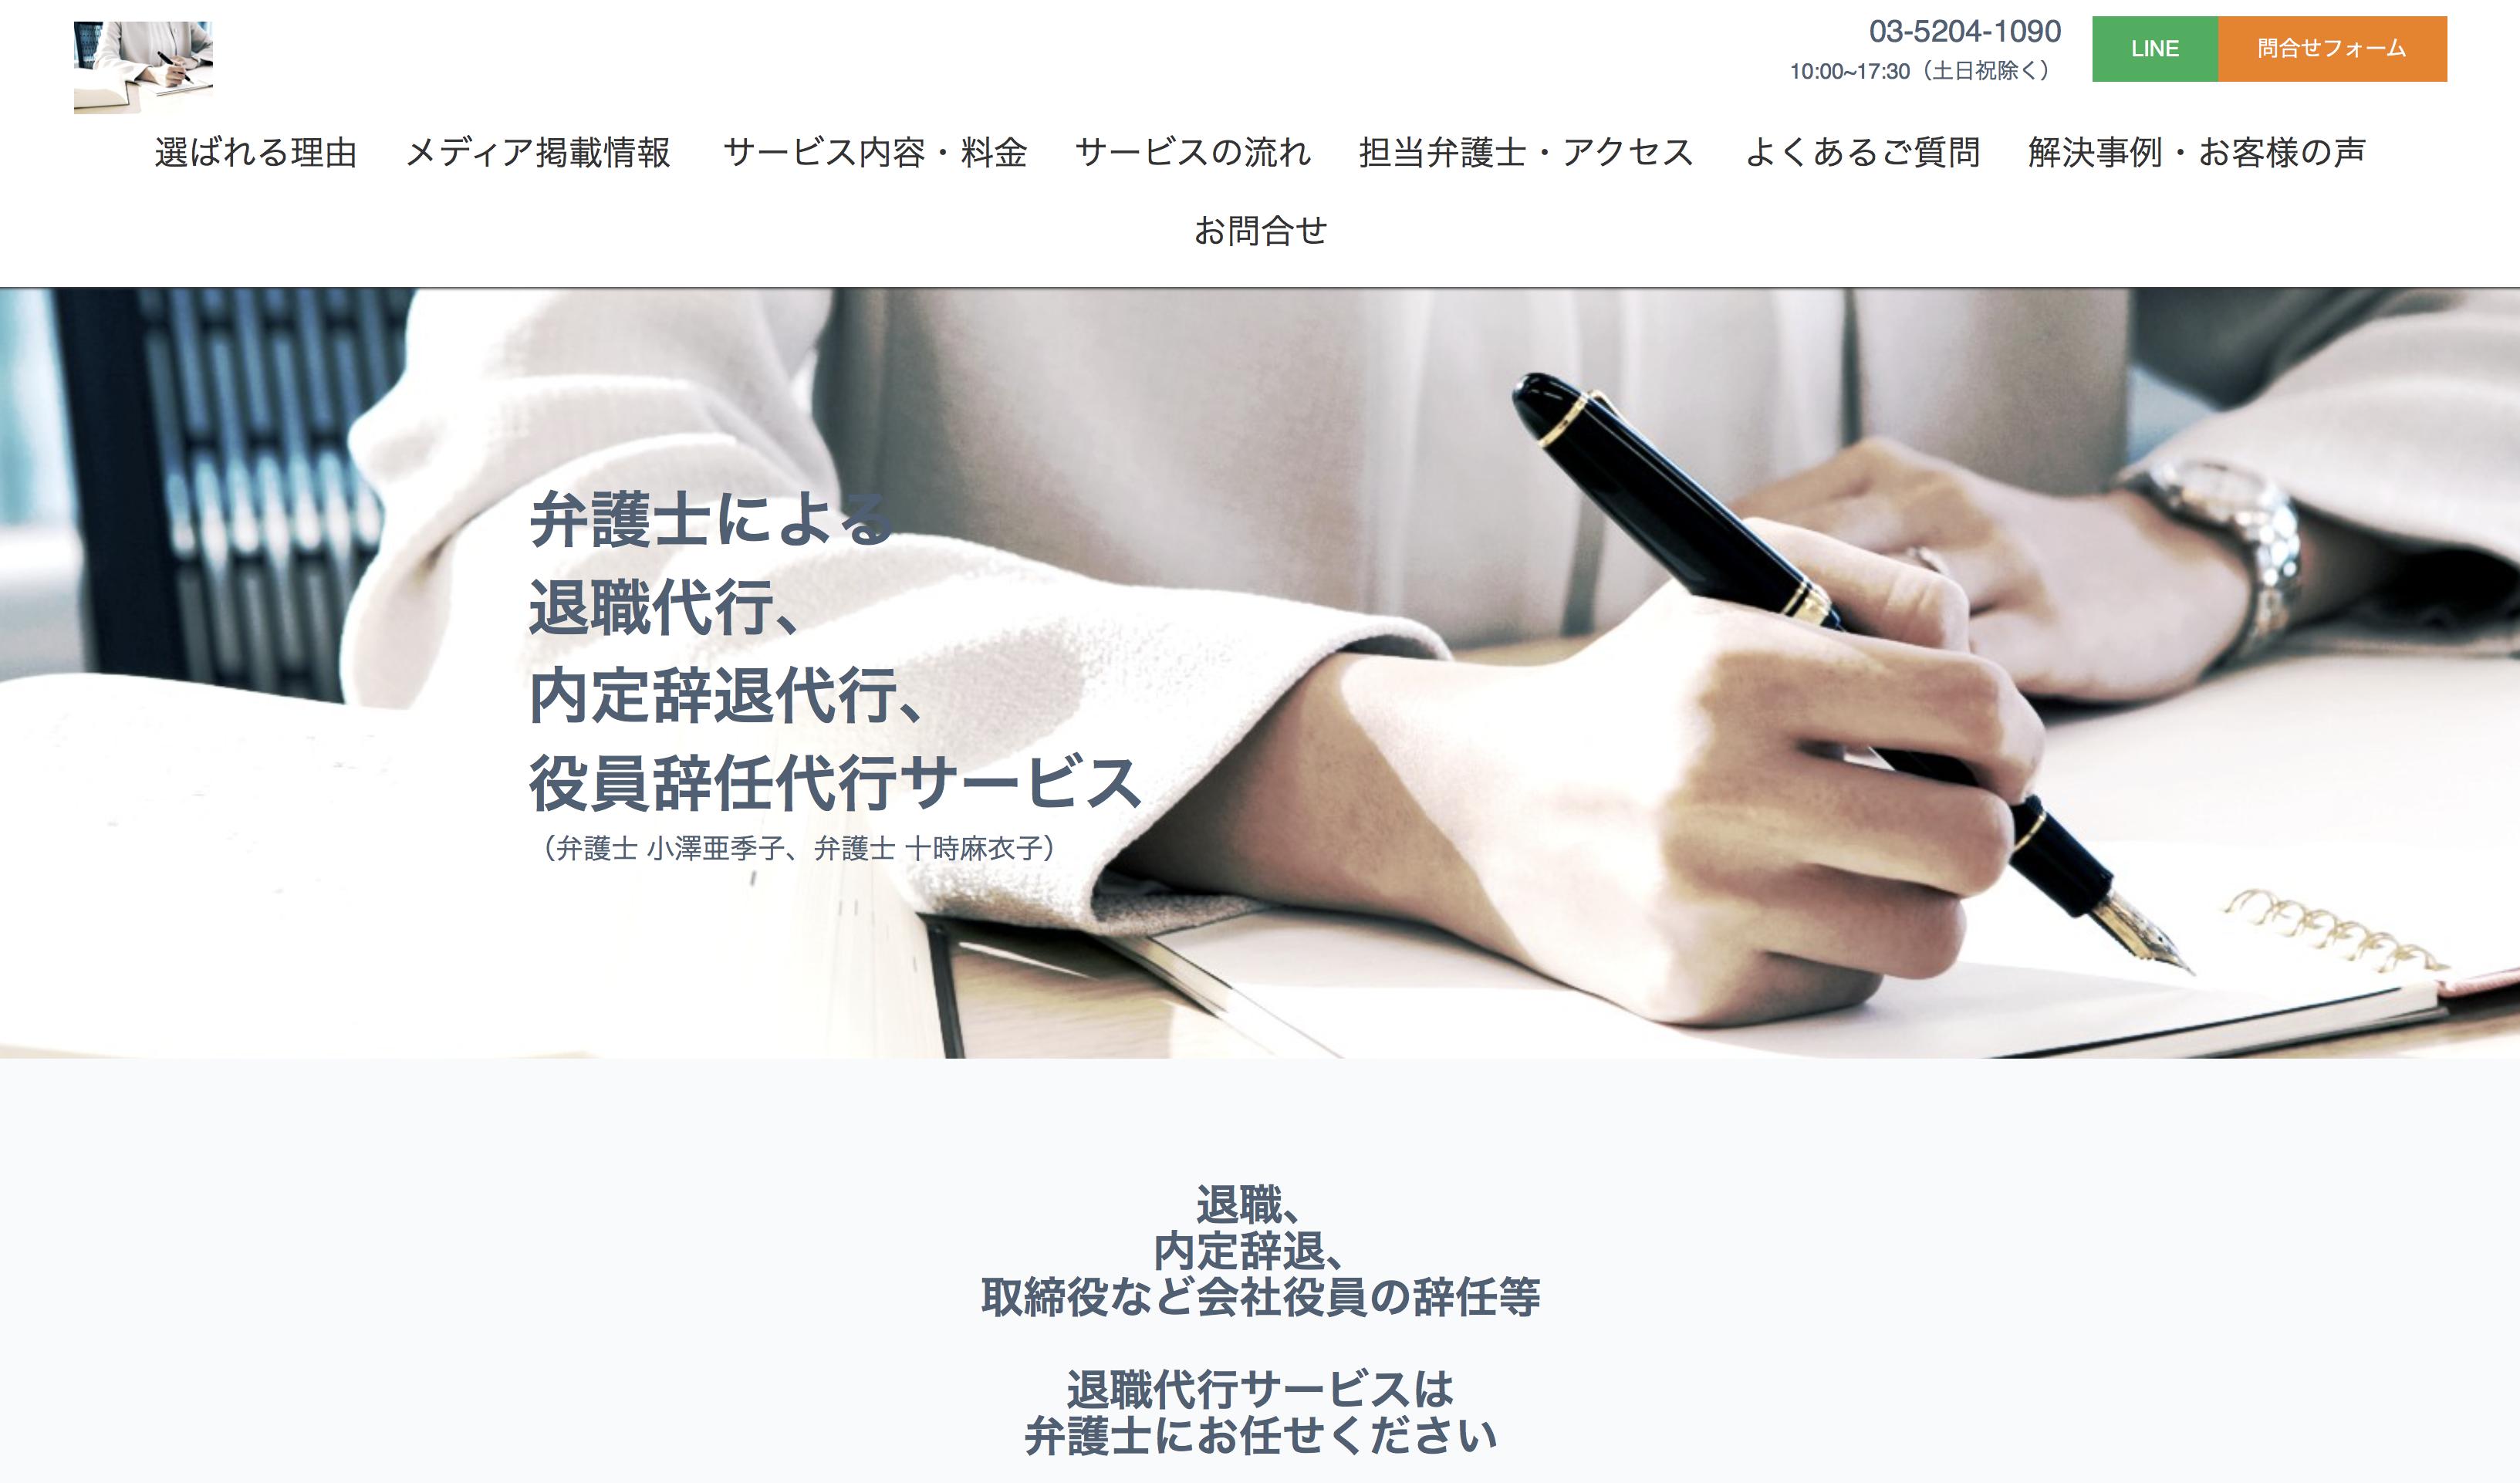 弁護士による退職代行サービス(弁護士小澤亜季子、弁護士十時麻衣子)